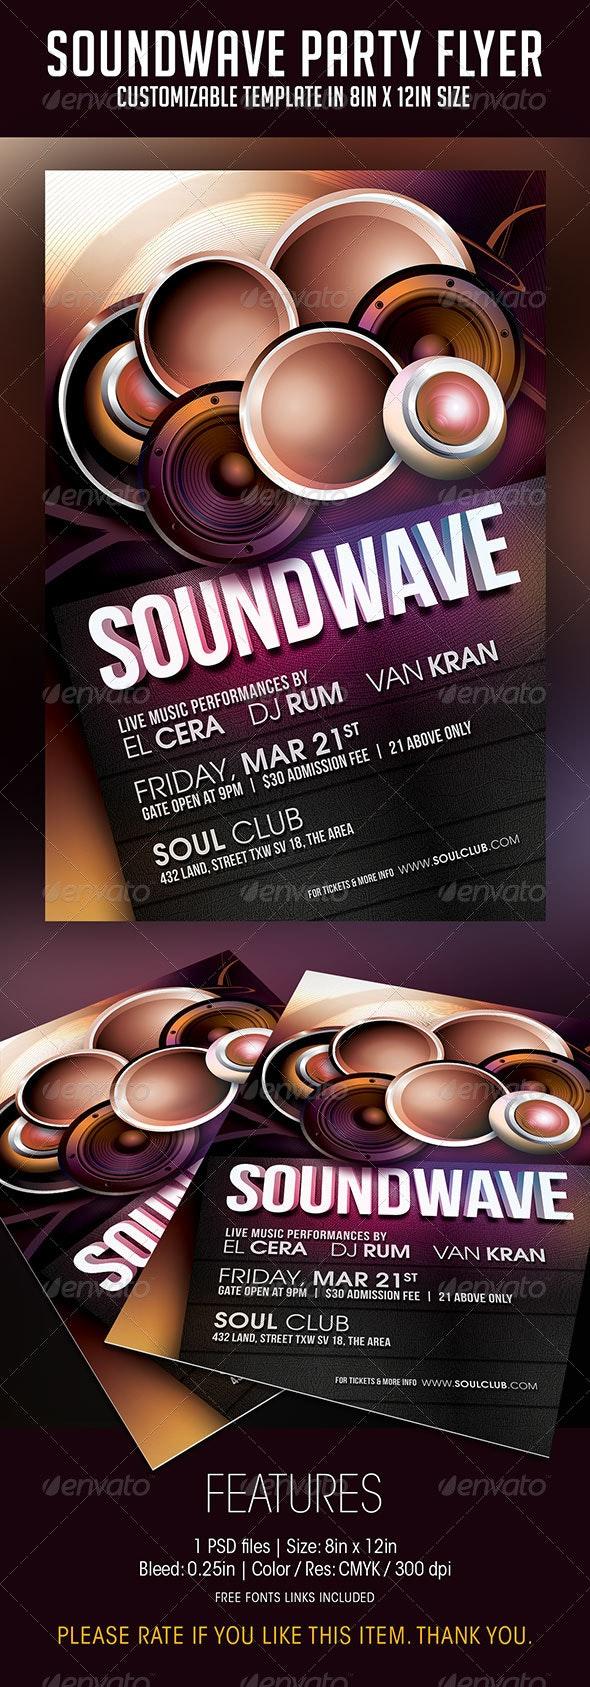 Soundwave Party Flyer - Print Templates